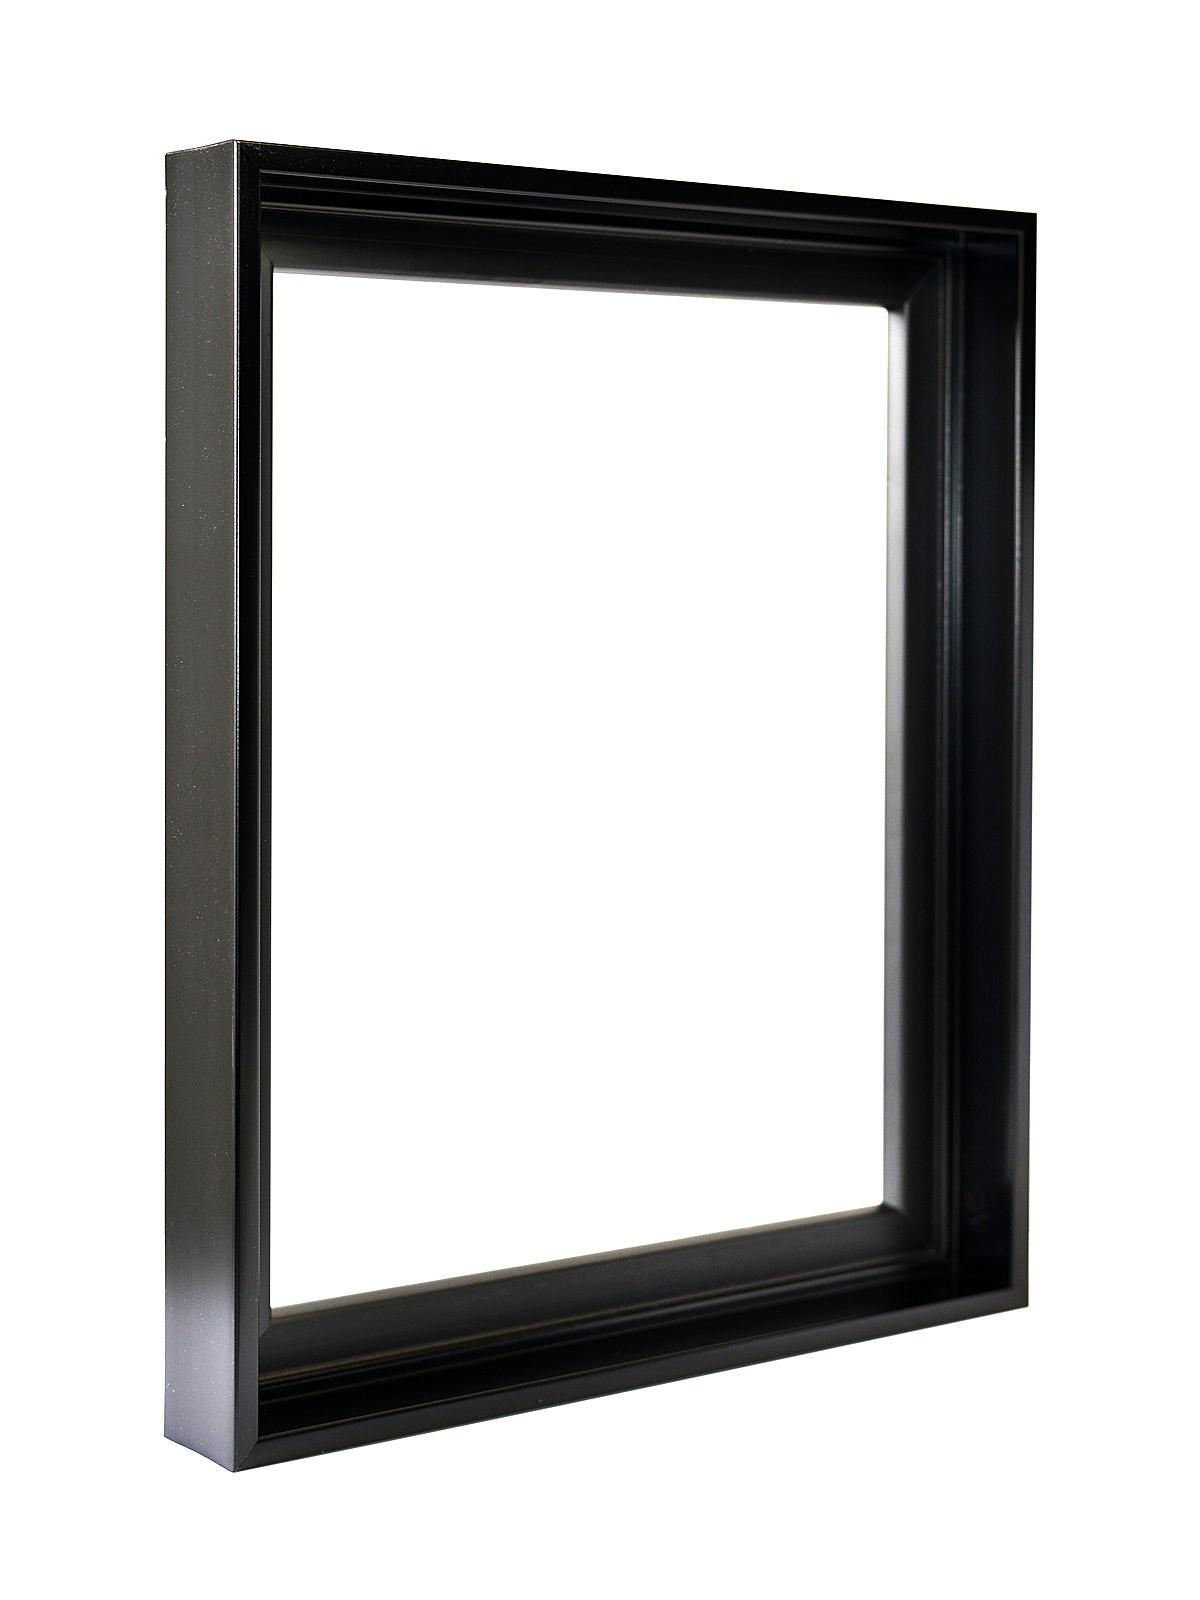 Fullsize Of 24 X 24 Frame